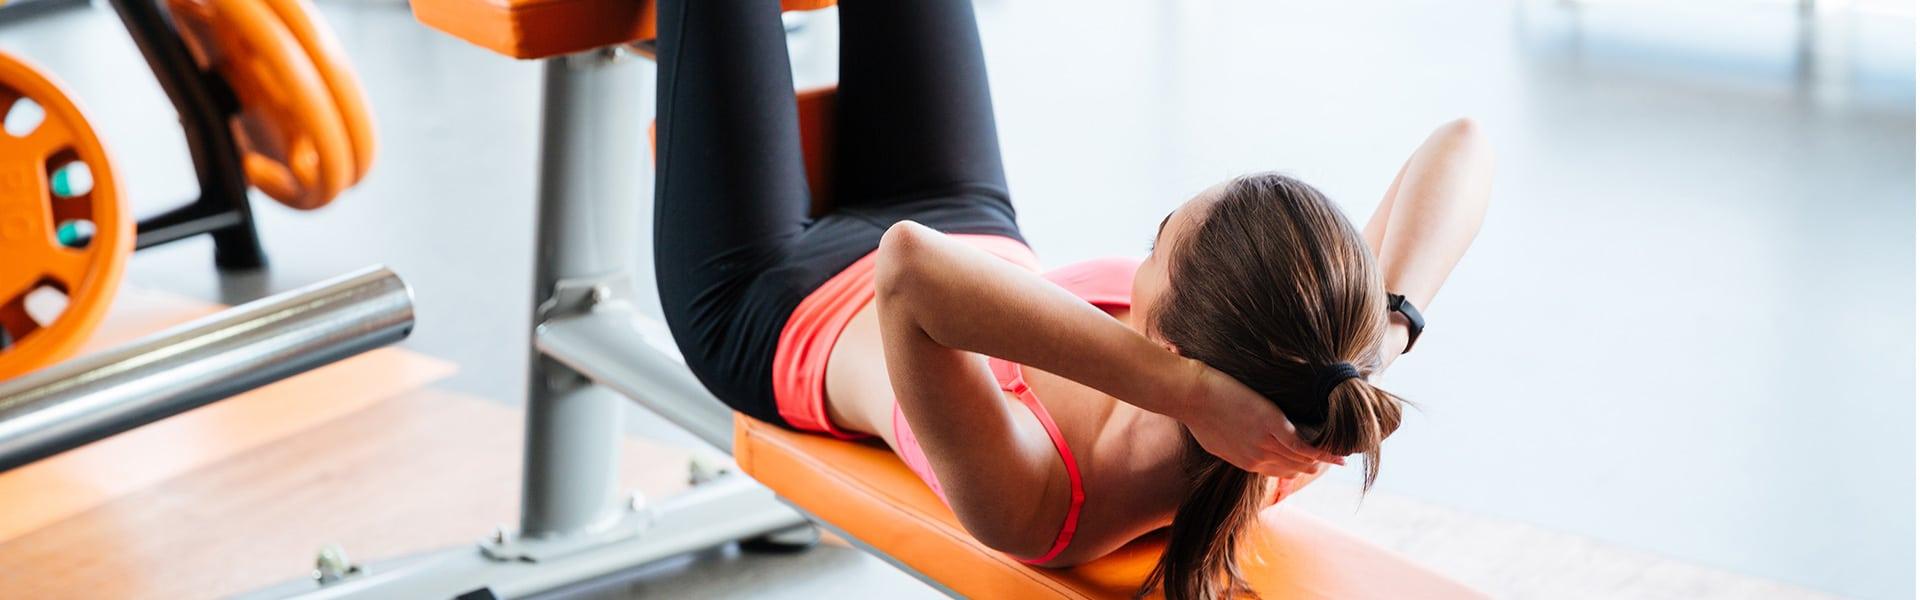 abdominales para hipopresivos